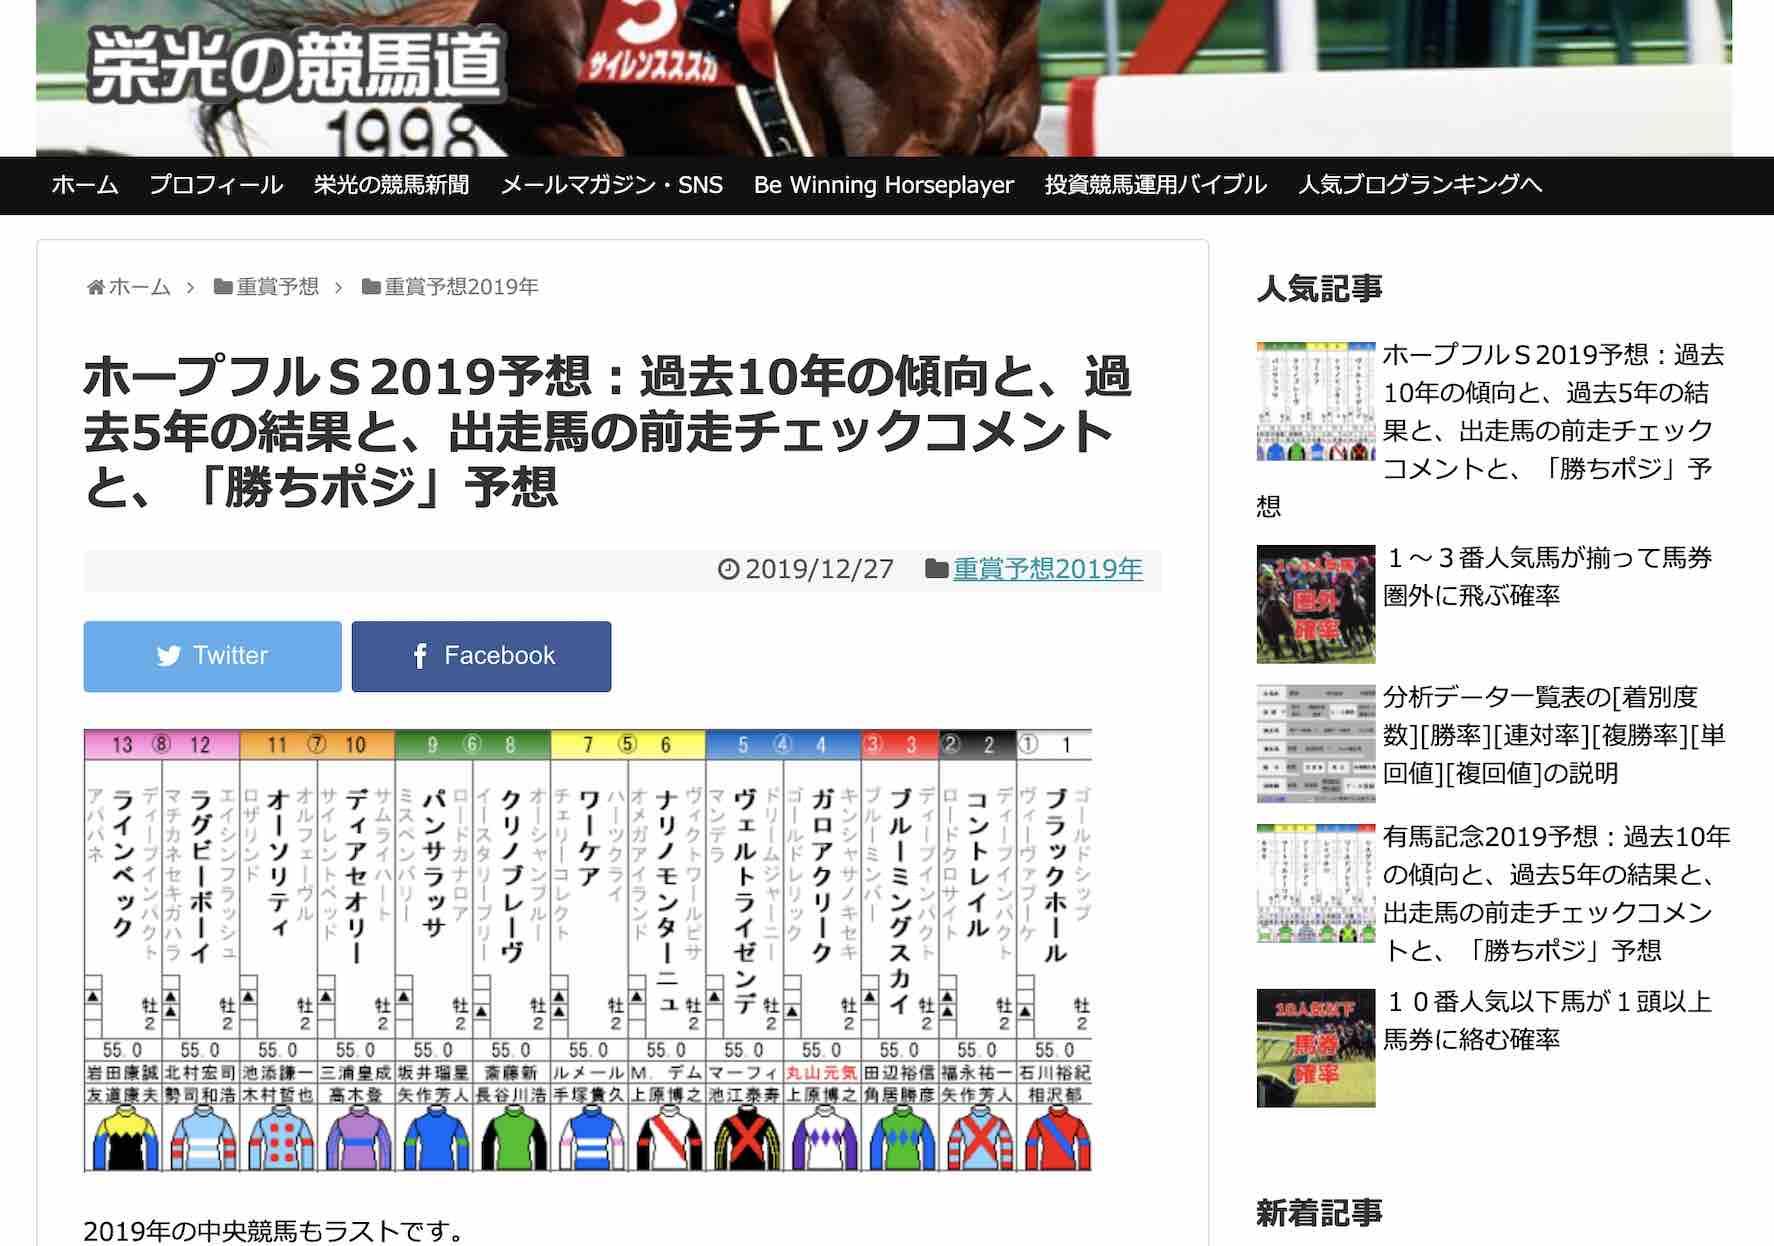 菅田英治による栄光の競馬道という競馬予想ブログ